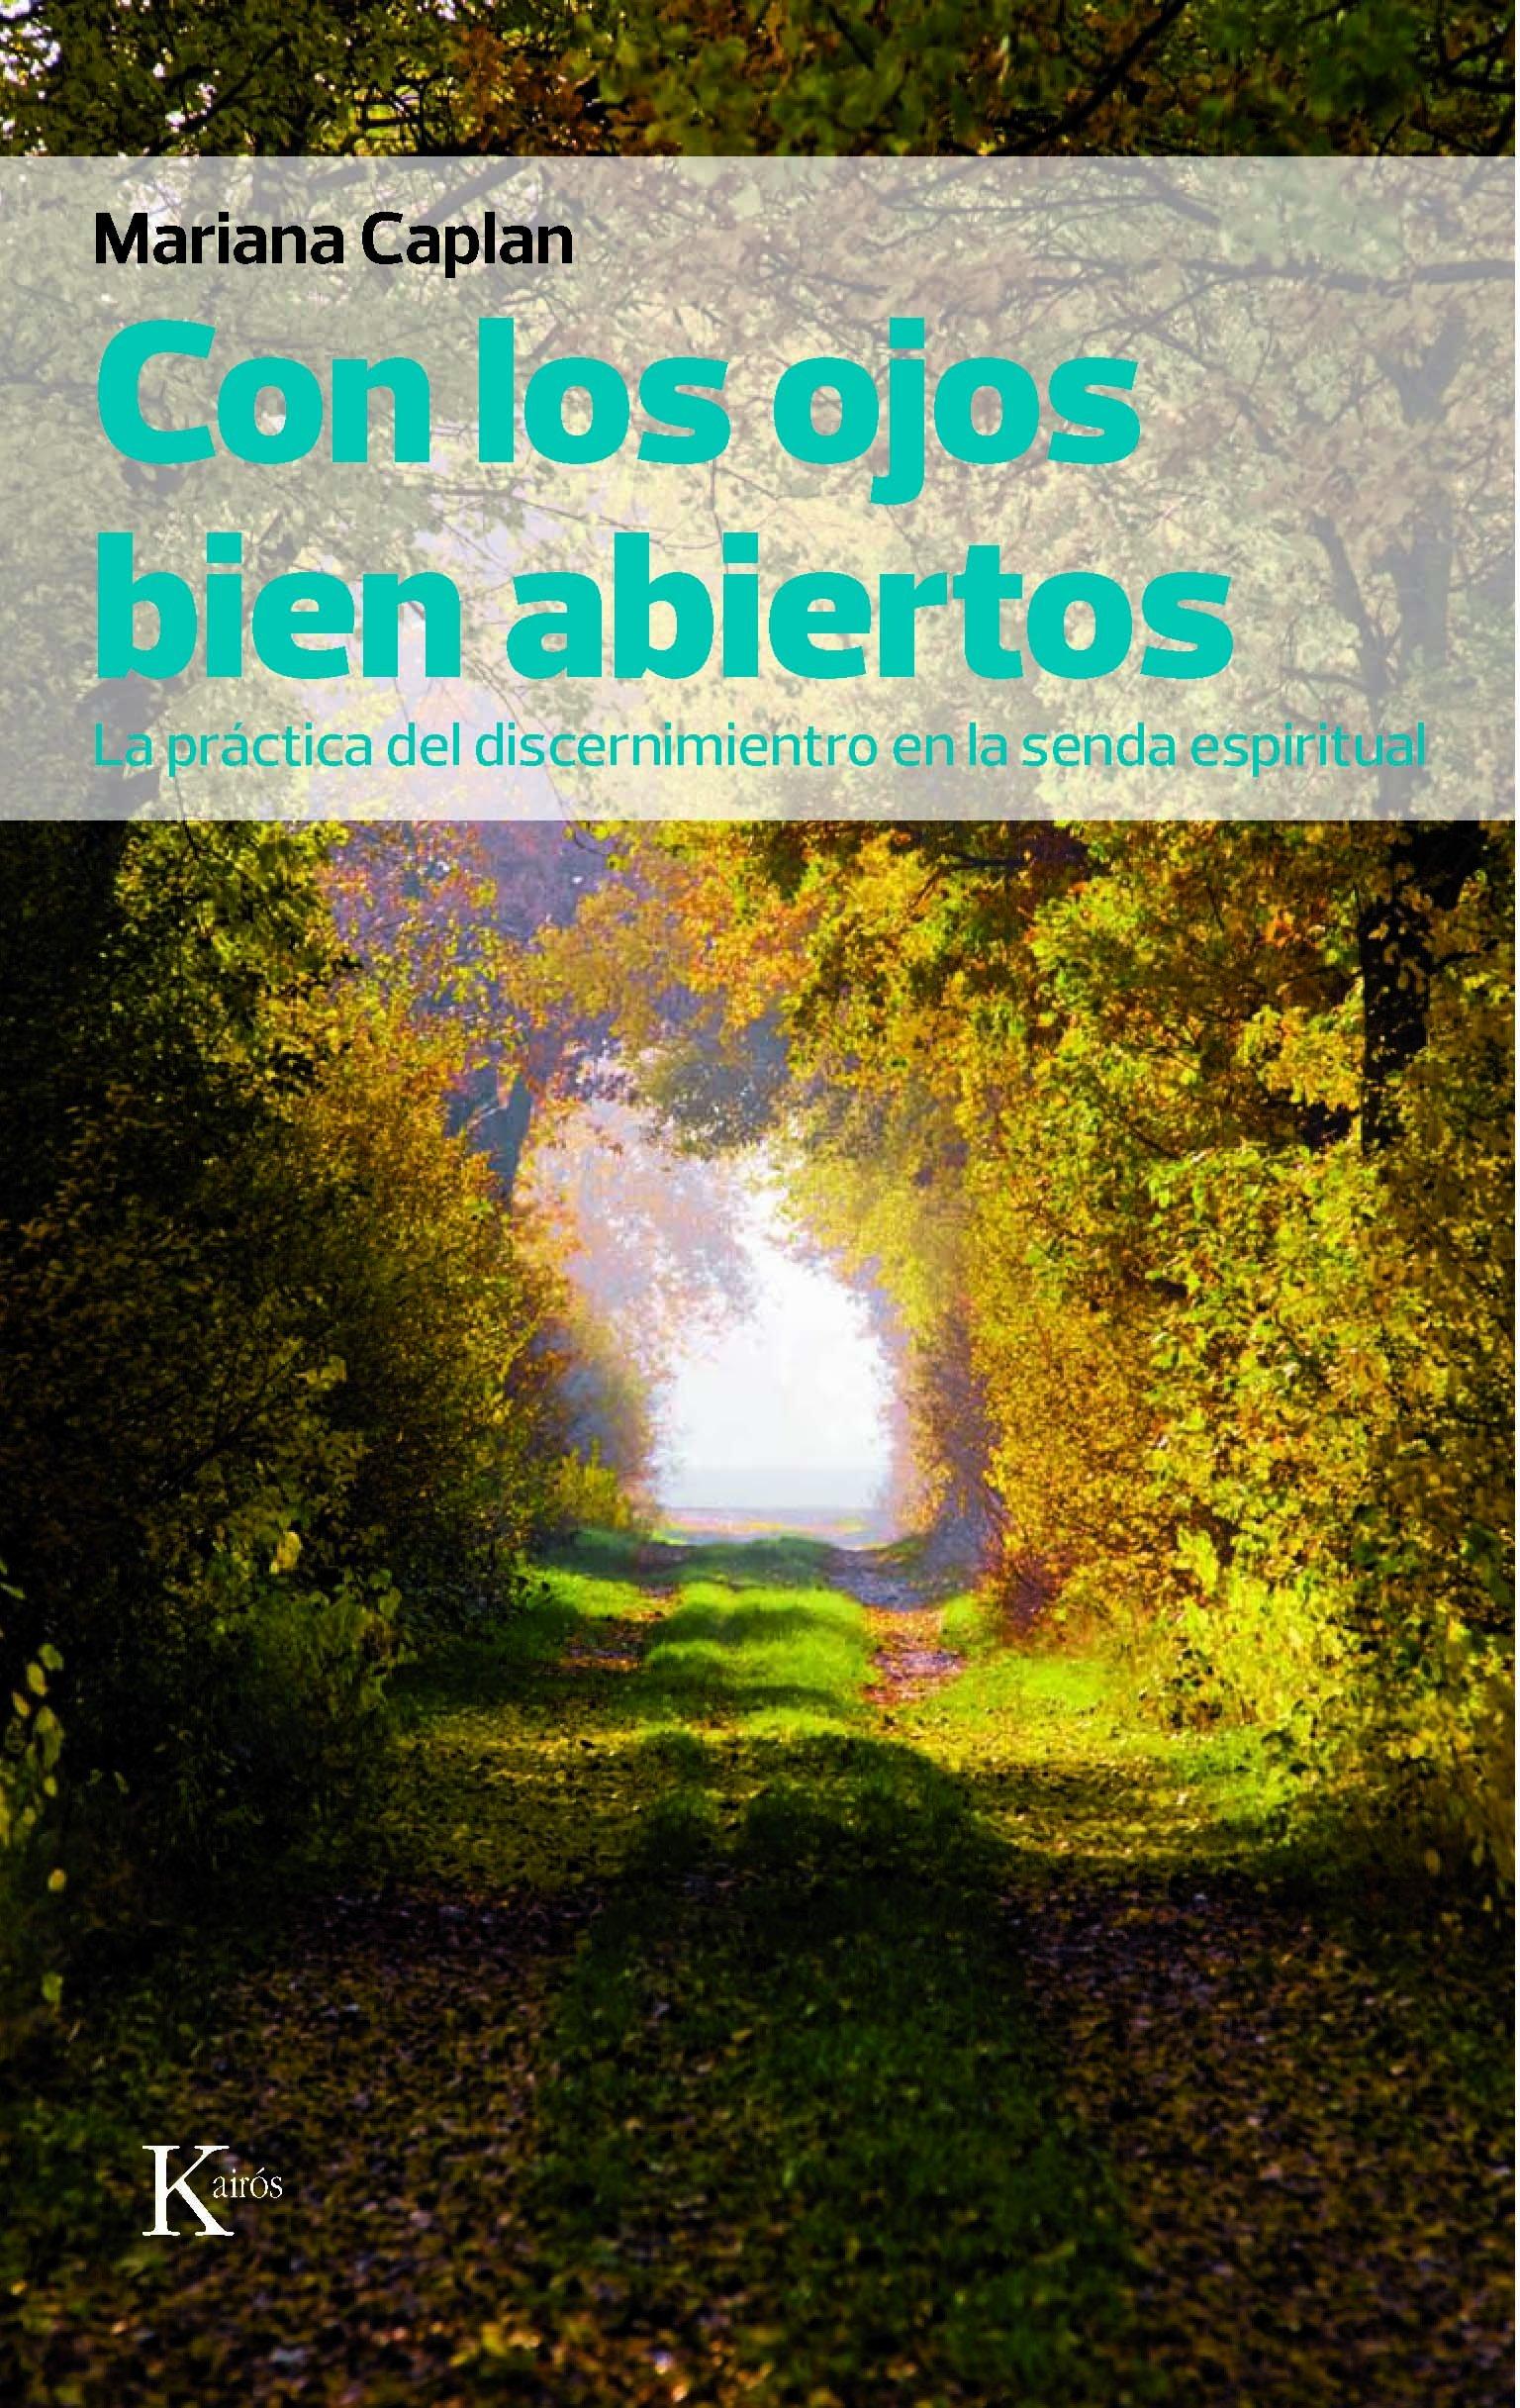 con los ojos bien abiertos spanish edition